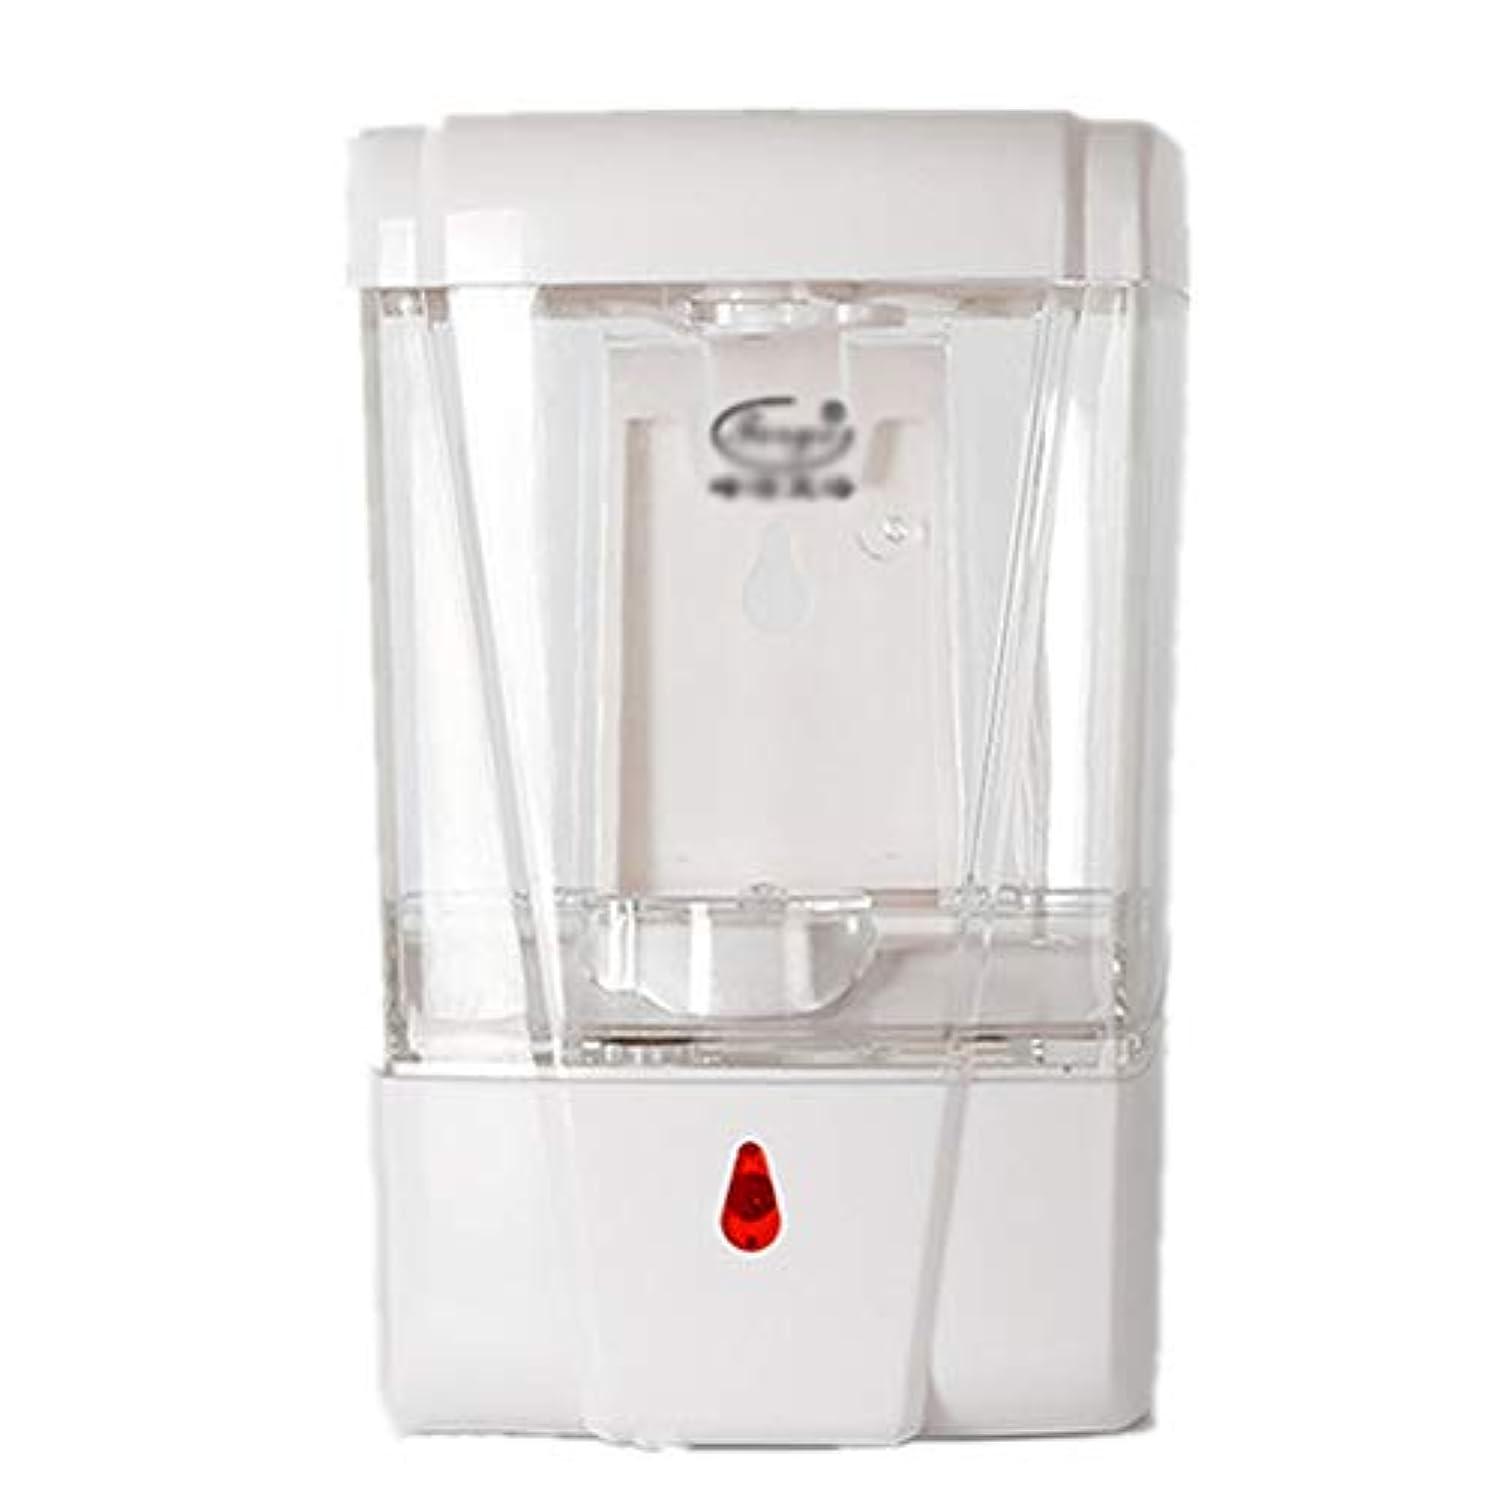 発火する安いです促進するソープディスペンサー 700mlの容量自動ソープディスペンサー非接触自動誘導バッテリ駆動ハンズフリーソープディスペンサー ハンドソープ 食器用洗剤 キッチン 洗面所などに適用 (Color : White, Size : One size-Drops)